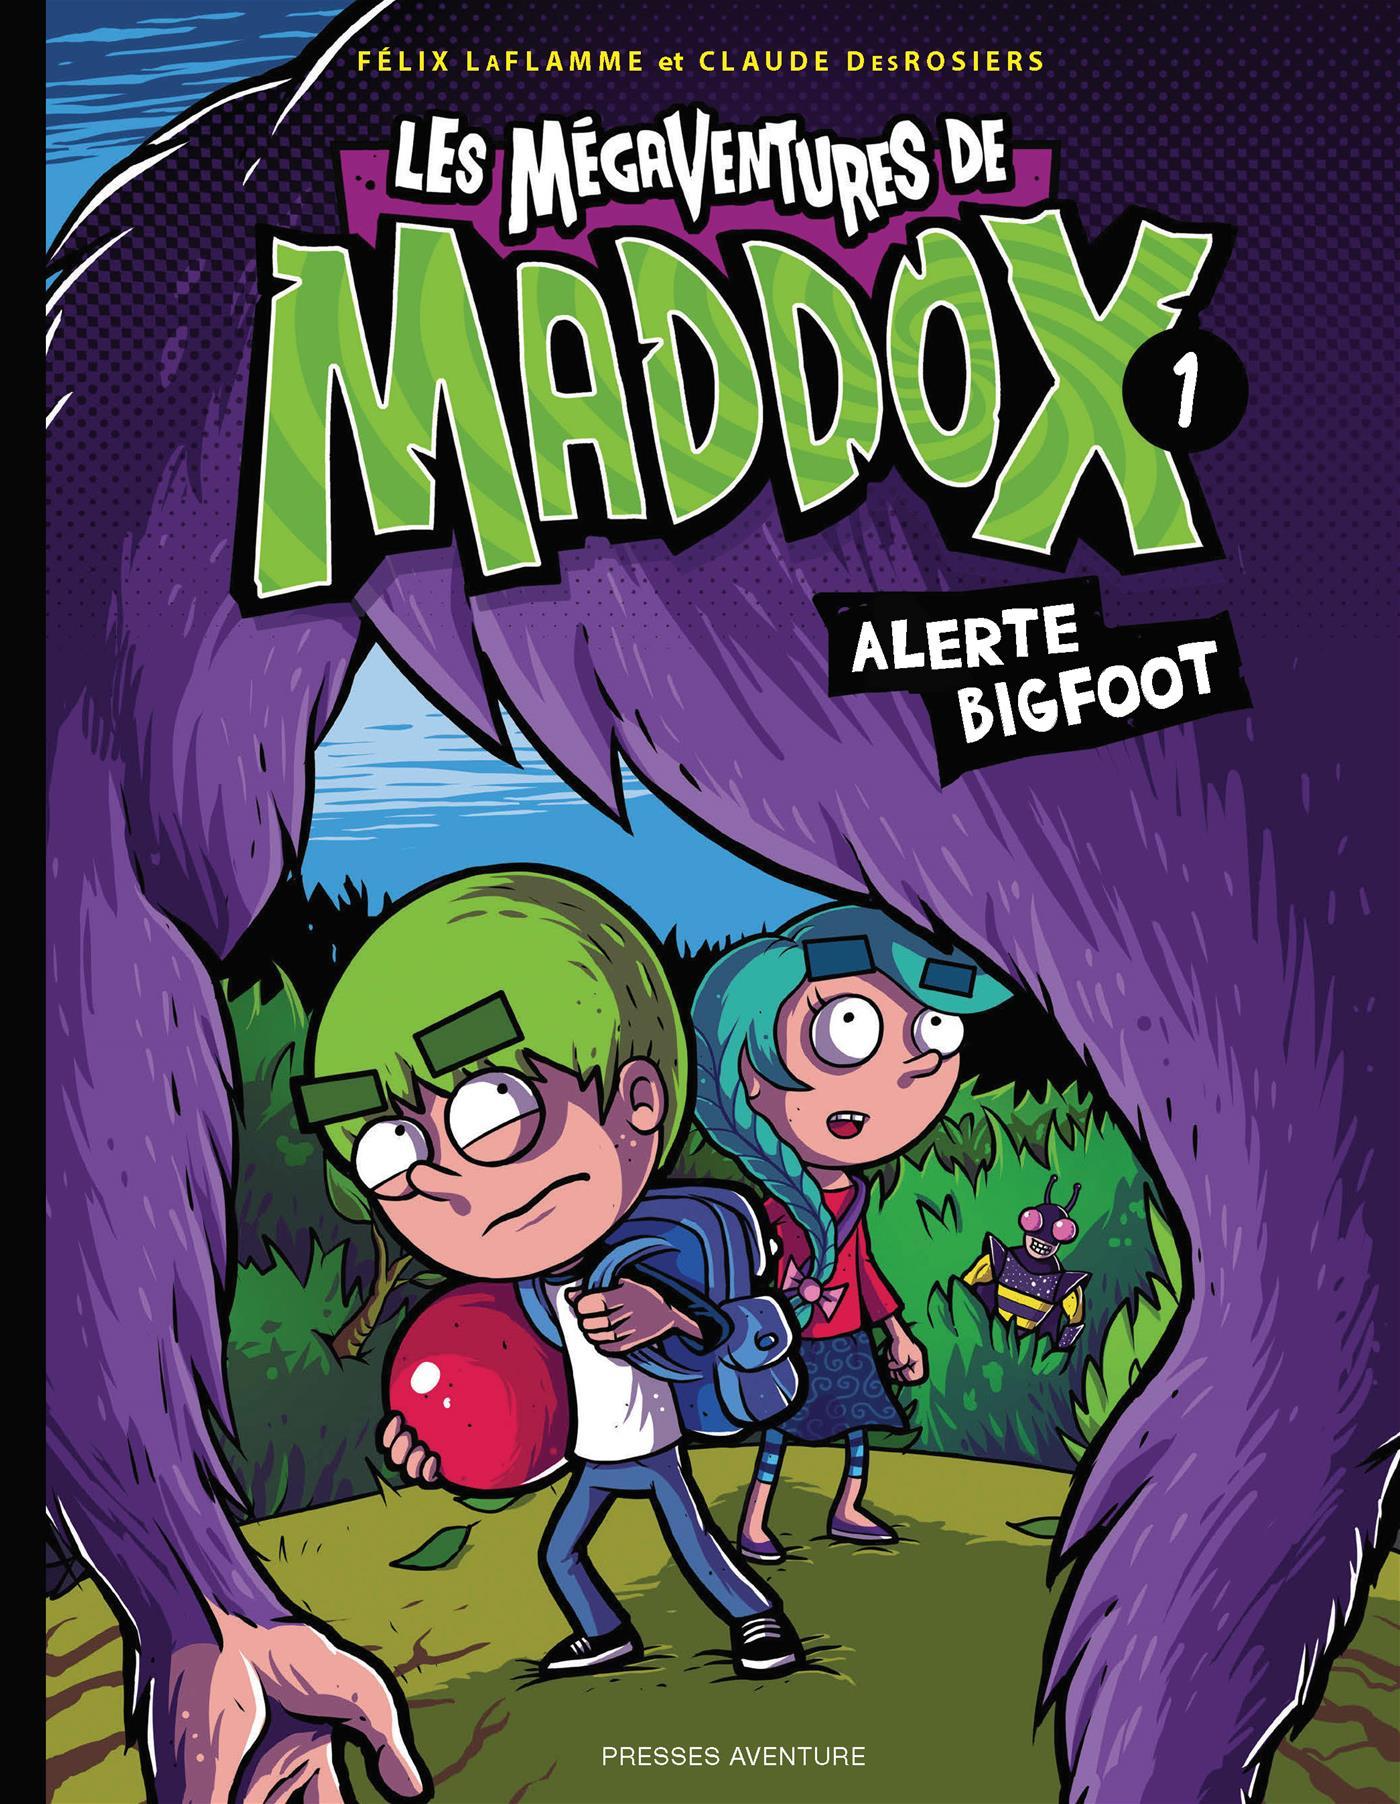 Les mégaventures de Maddox - Nº 1